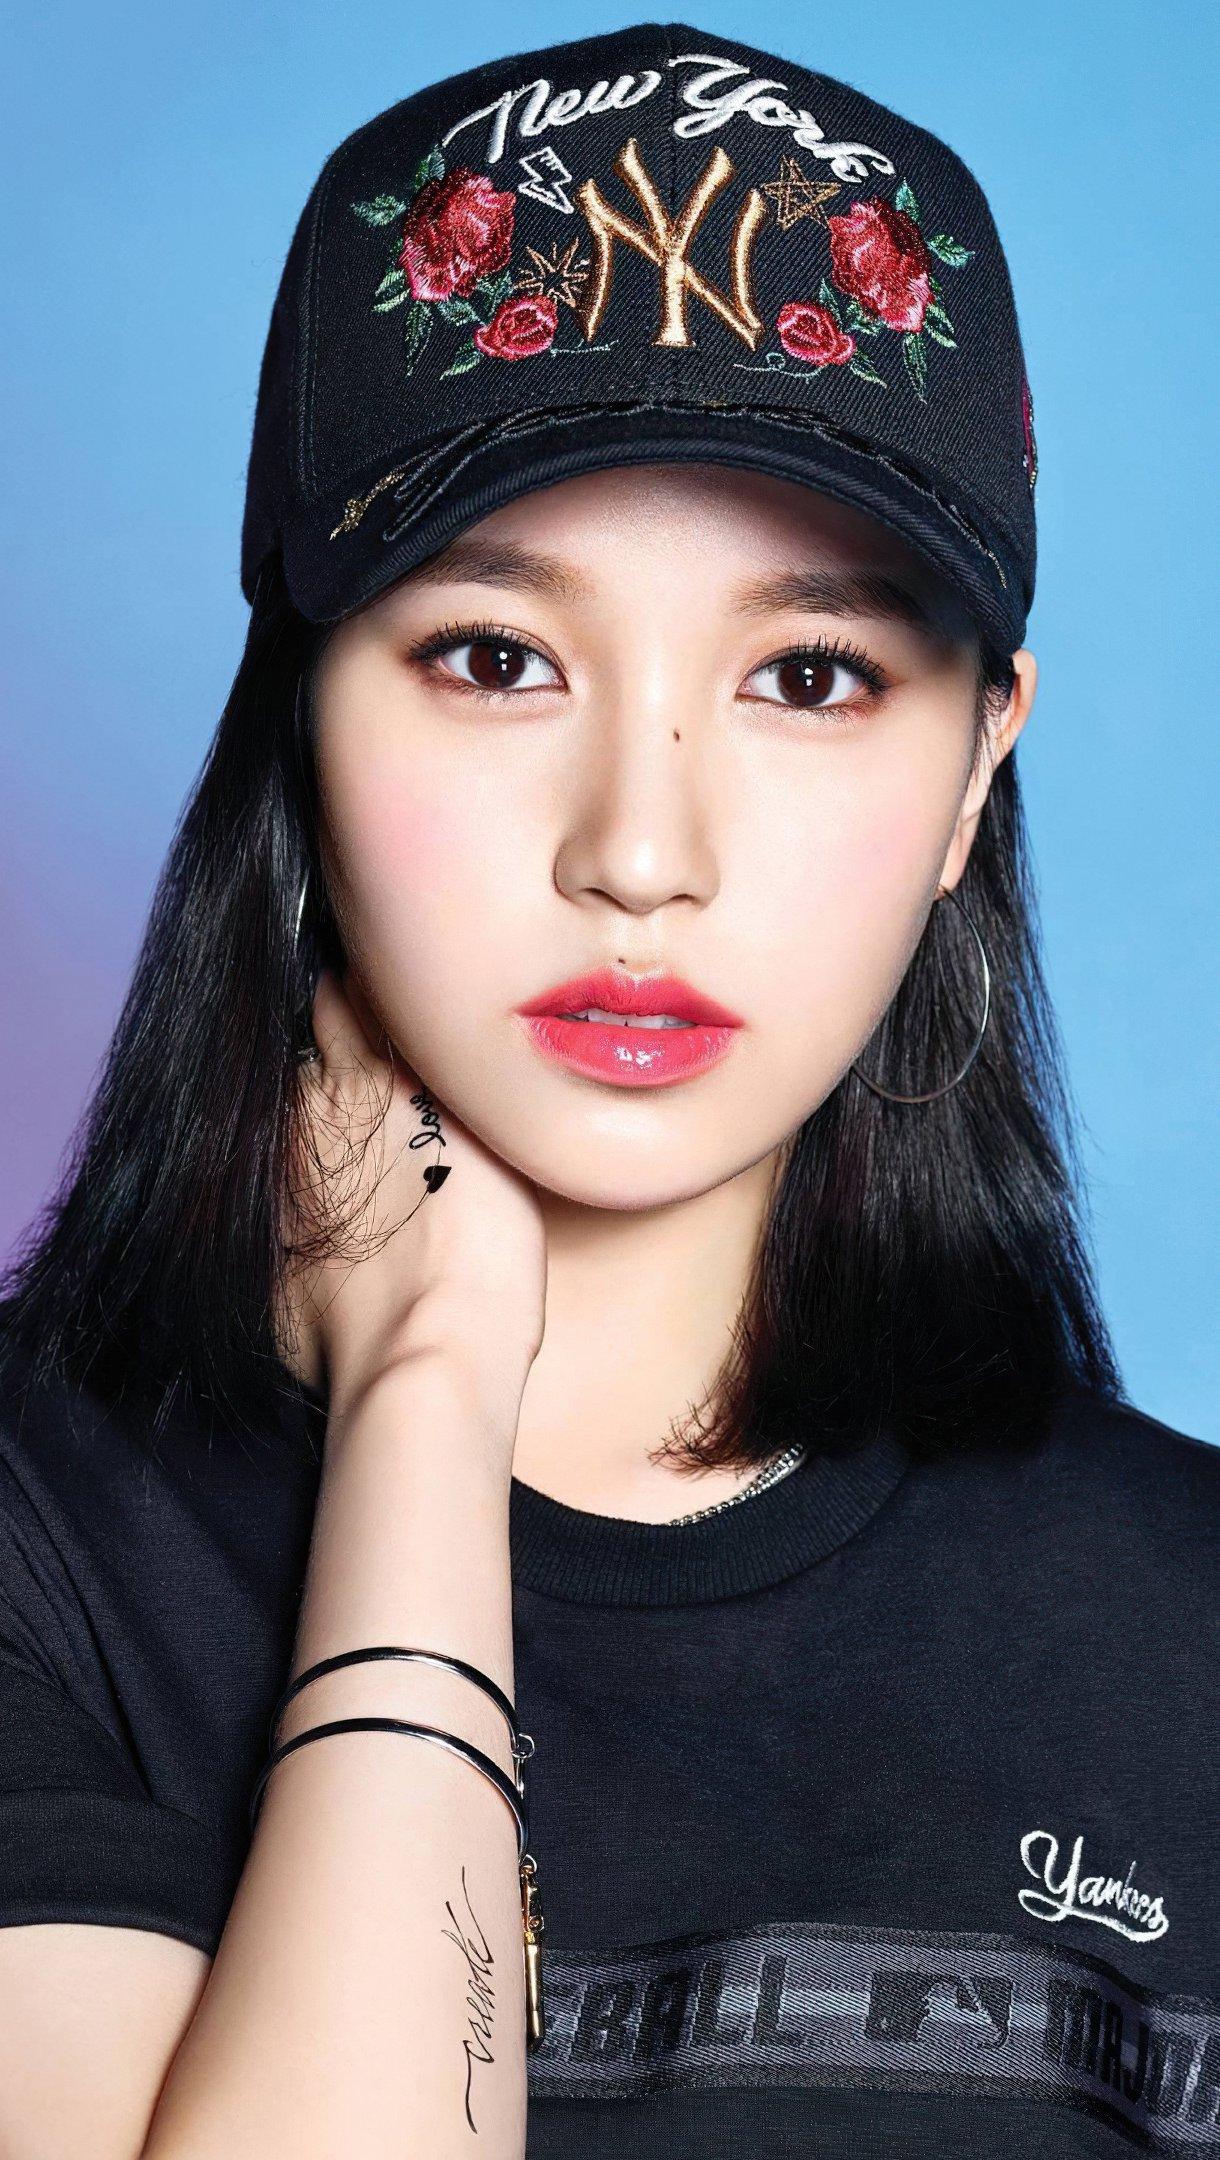 Wallpaper Mina Kpop singer Vertical